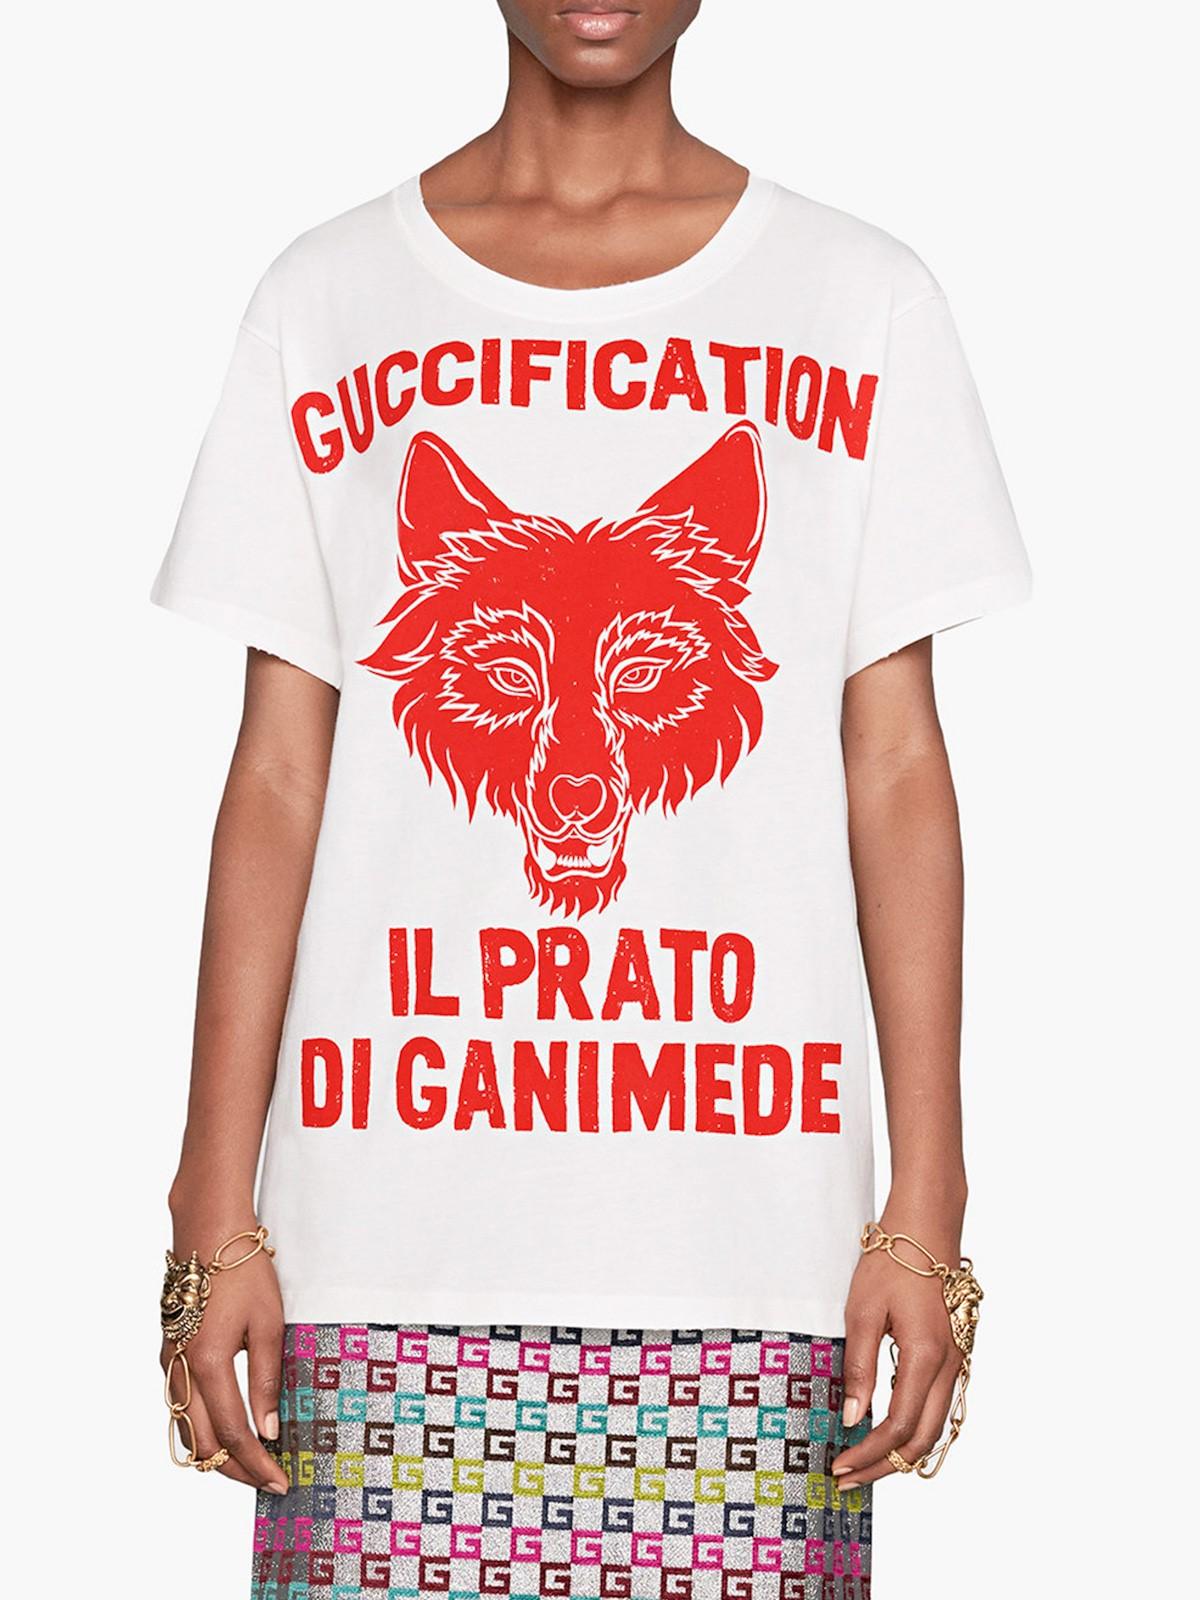 ccbe429635b gucci IL PRATO DI GANIMEDE GUCCIFICATION PRINT T-SHIRT available on ...